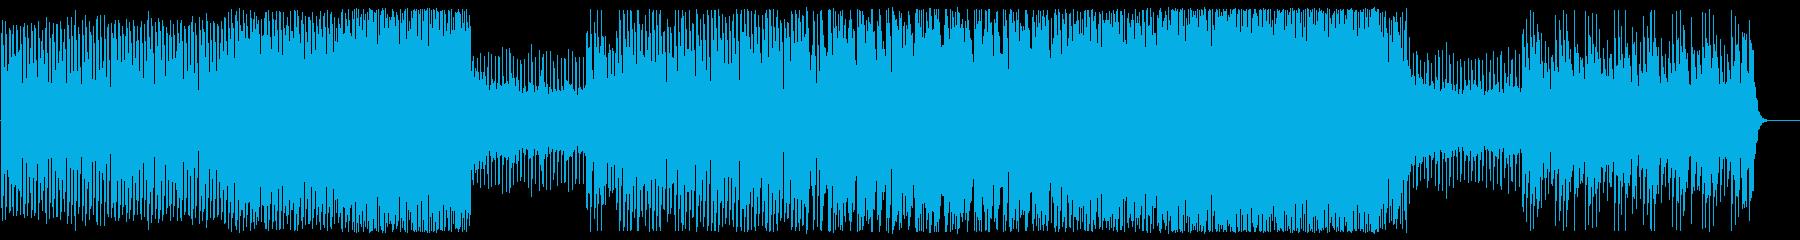 かっこいいリズムでパワフルなメロディーの再生済みの波形